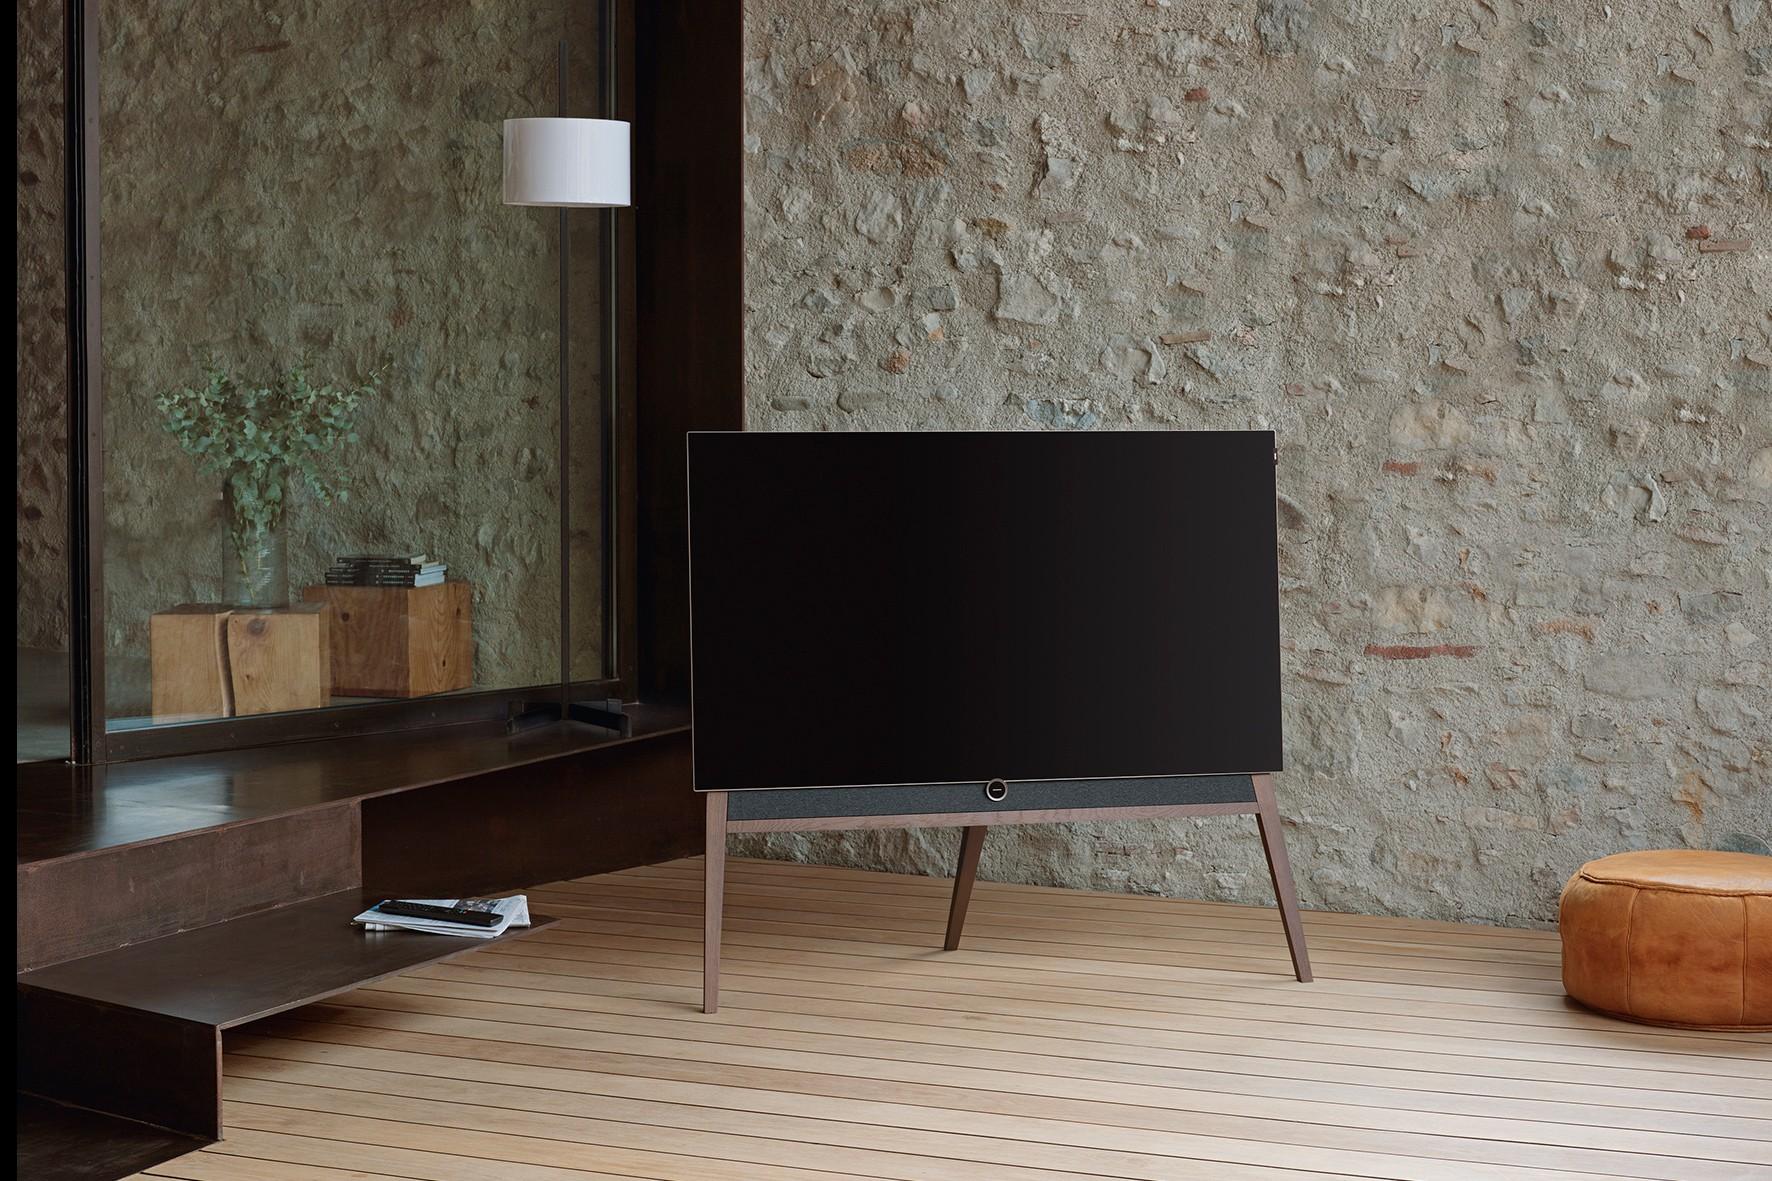 Loewe bild 5 OLED Television Floorstanding